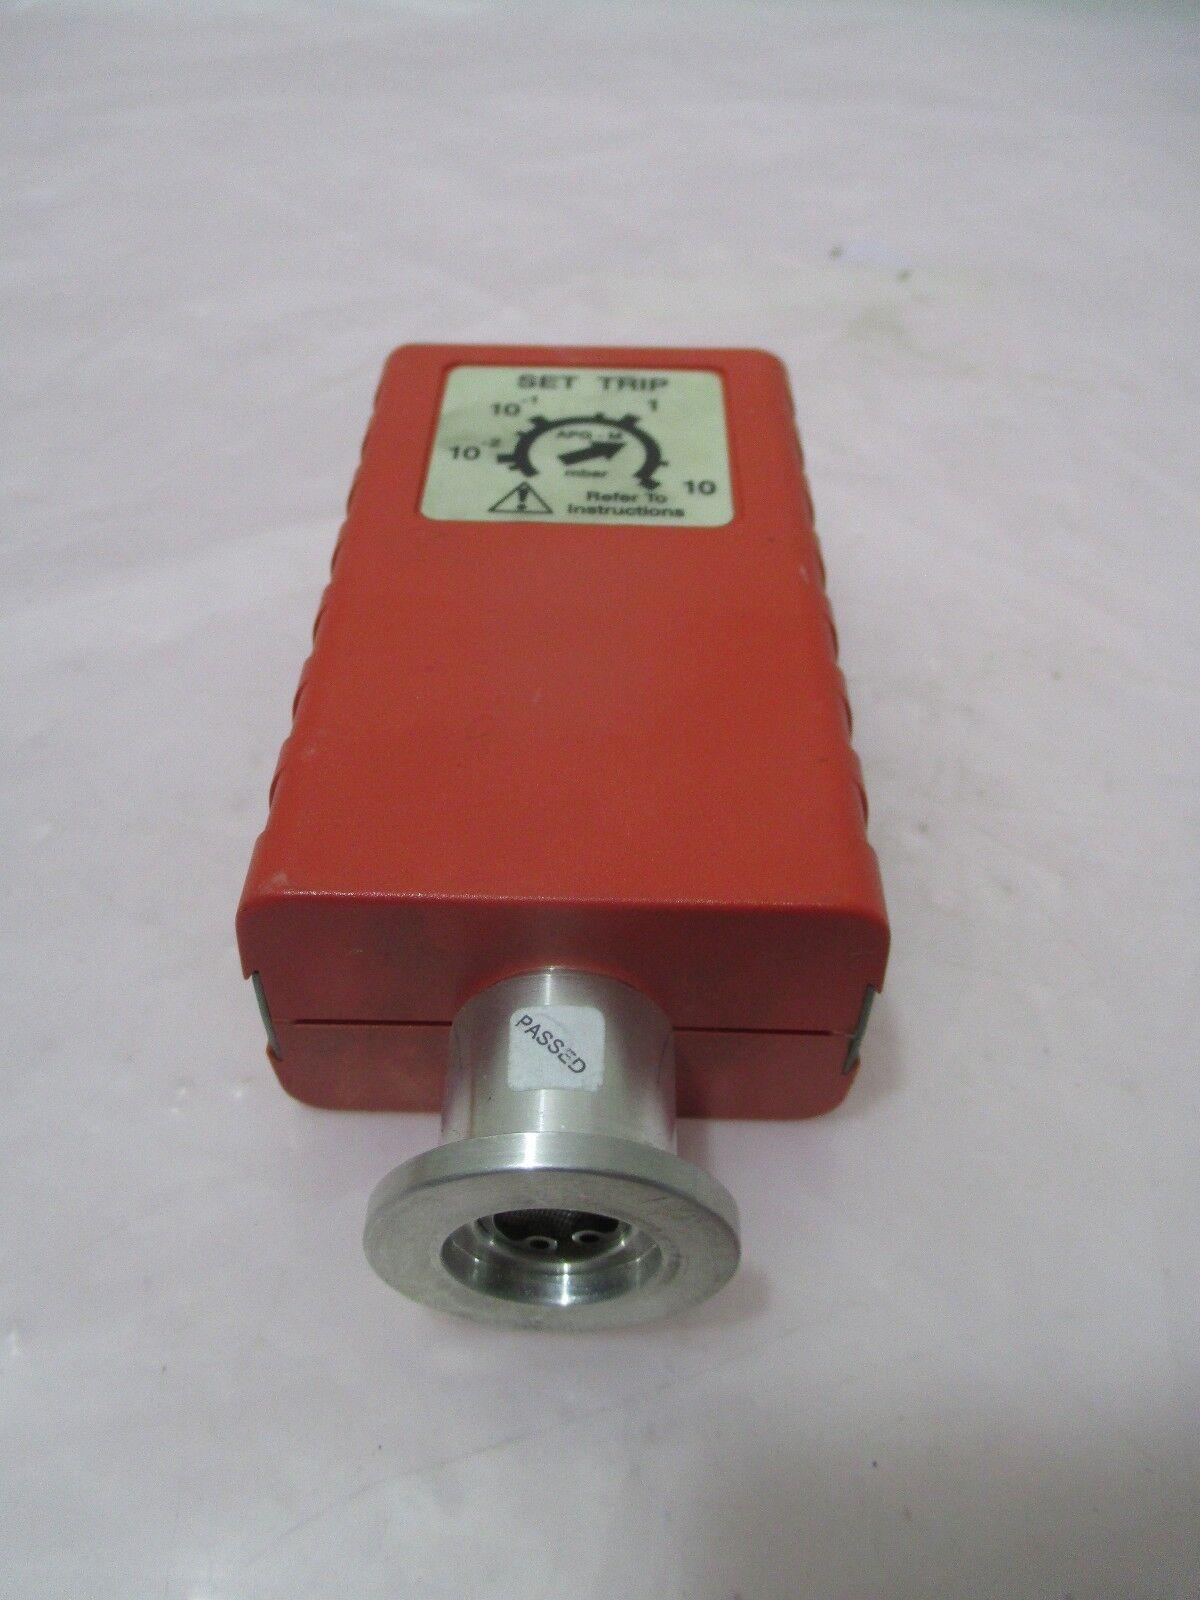 BOC Edwards APG-M-NW16 Active Pirani Gauge, 421210